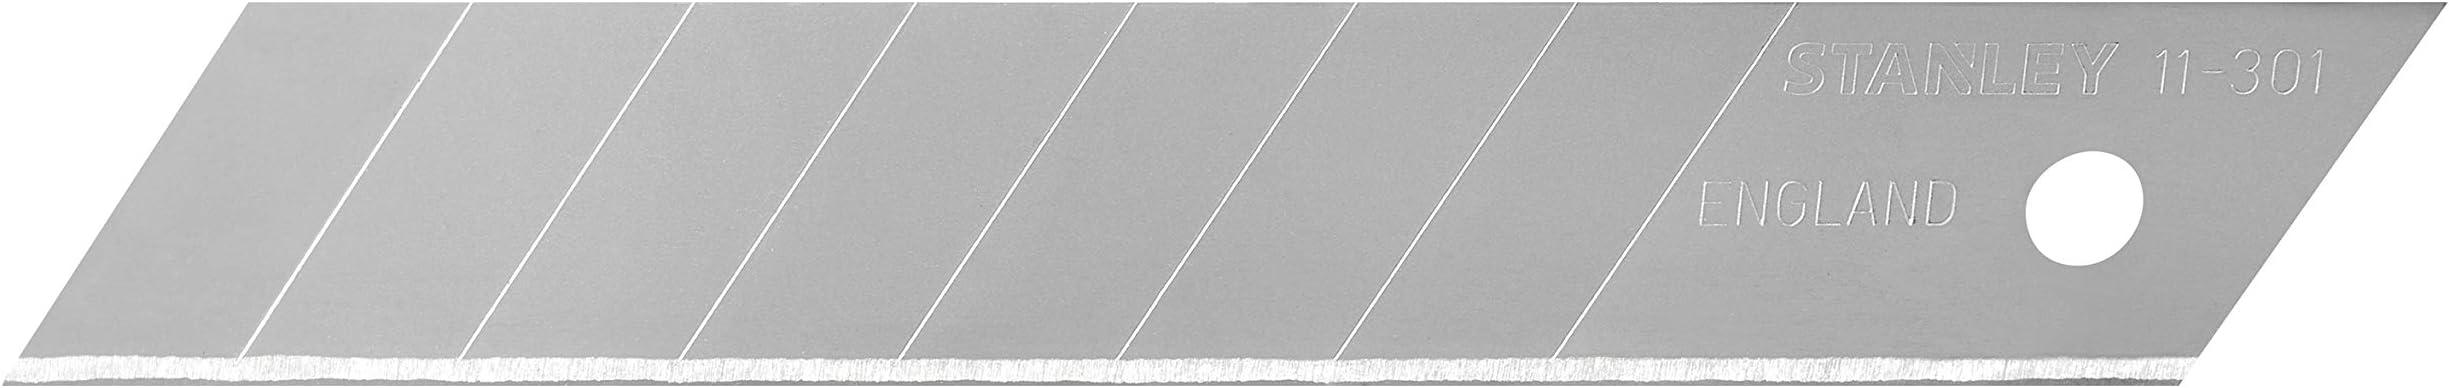 10 lames de cutters Stanley 11-301 neuves dans leur étui